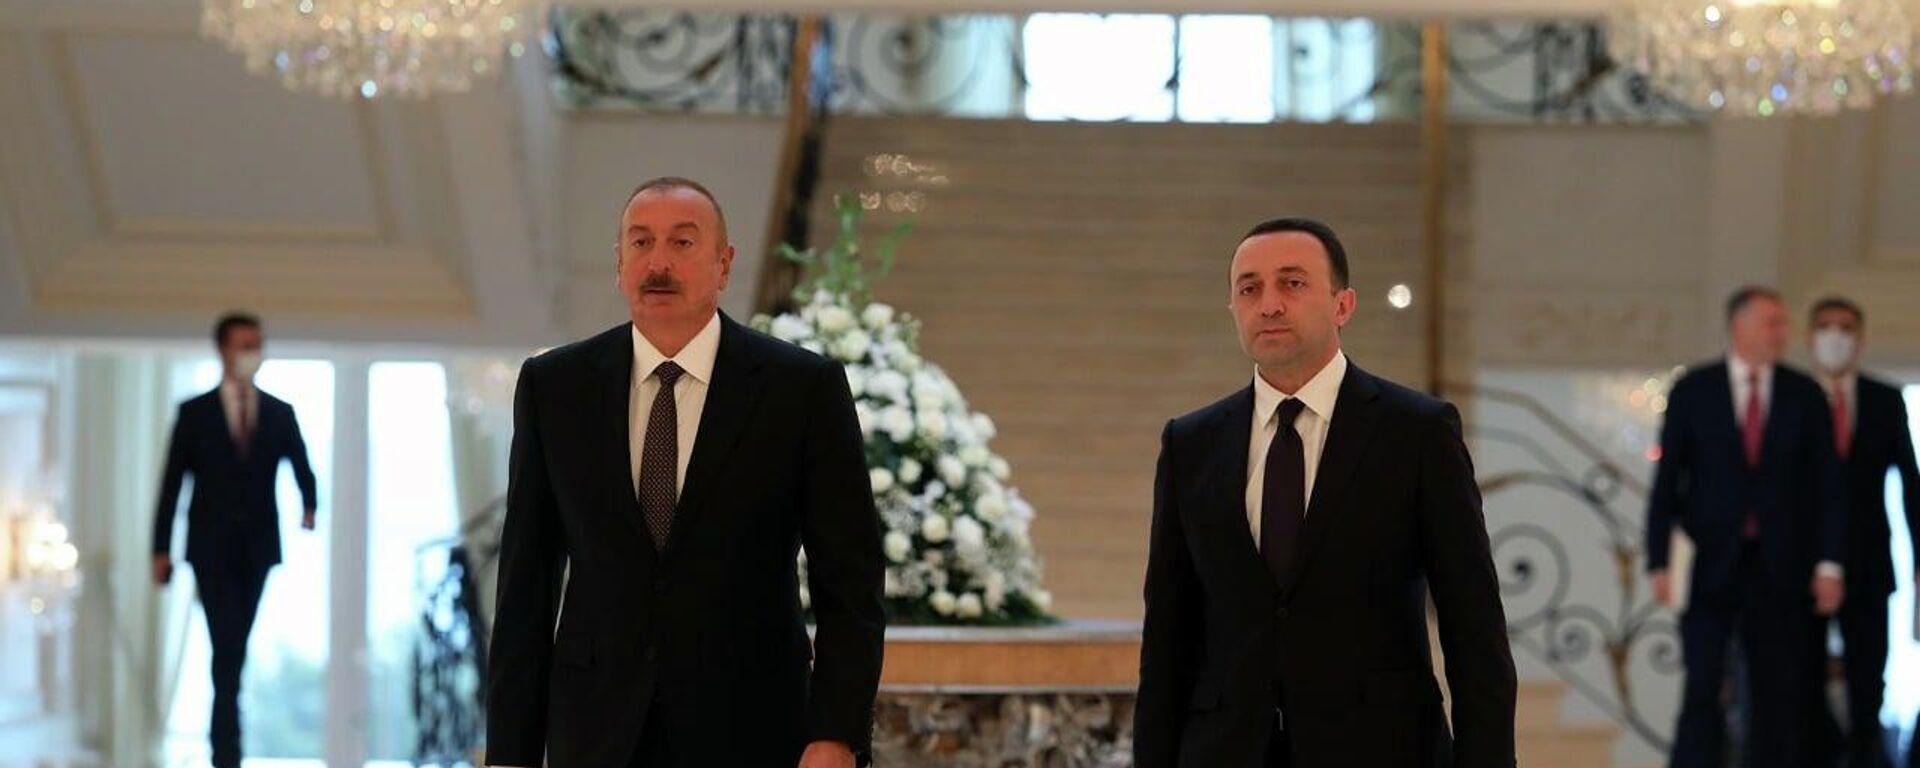 Премьер Грузии Ираклий Гарибашвили и президент Азербайджана Ильхам Алиев - Sputnik Грузия, 1920, 29.09.2021